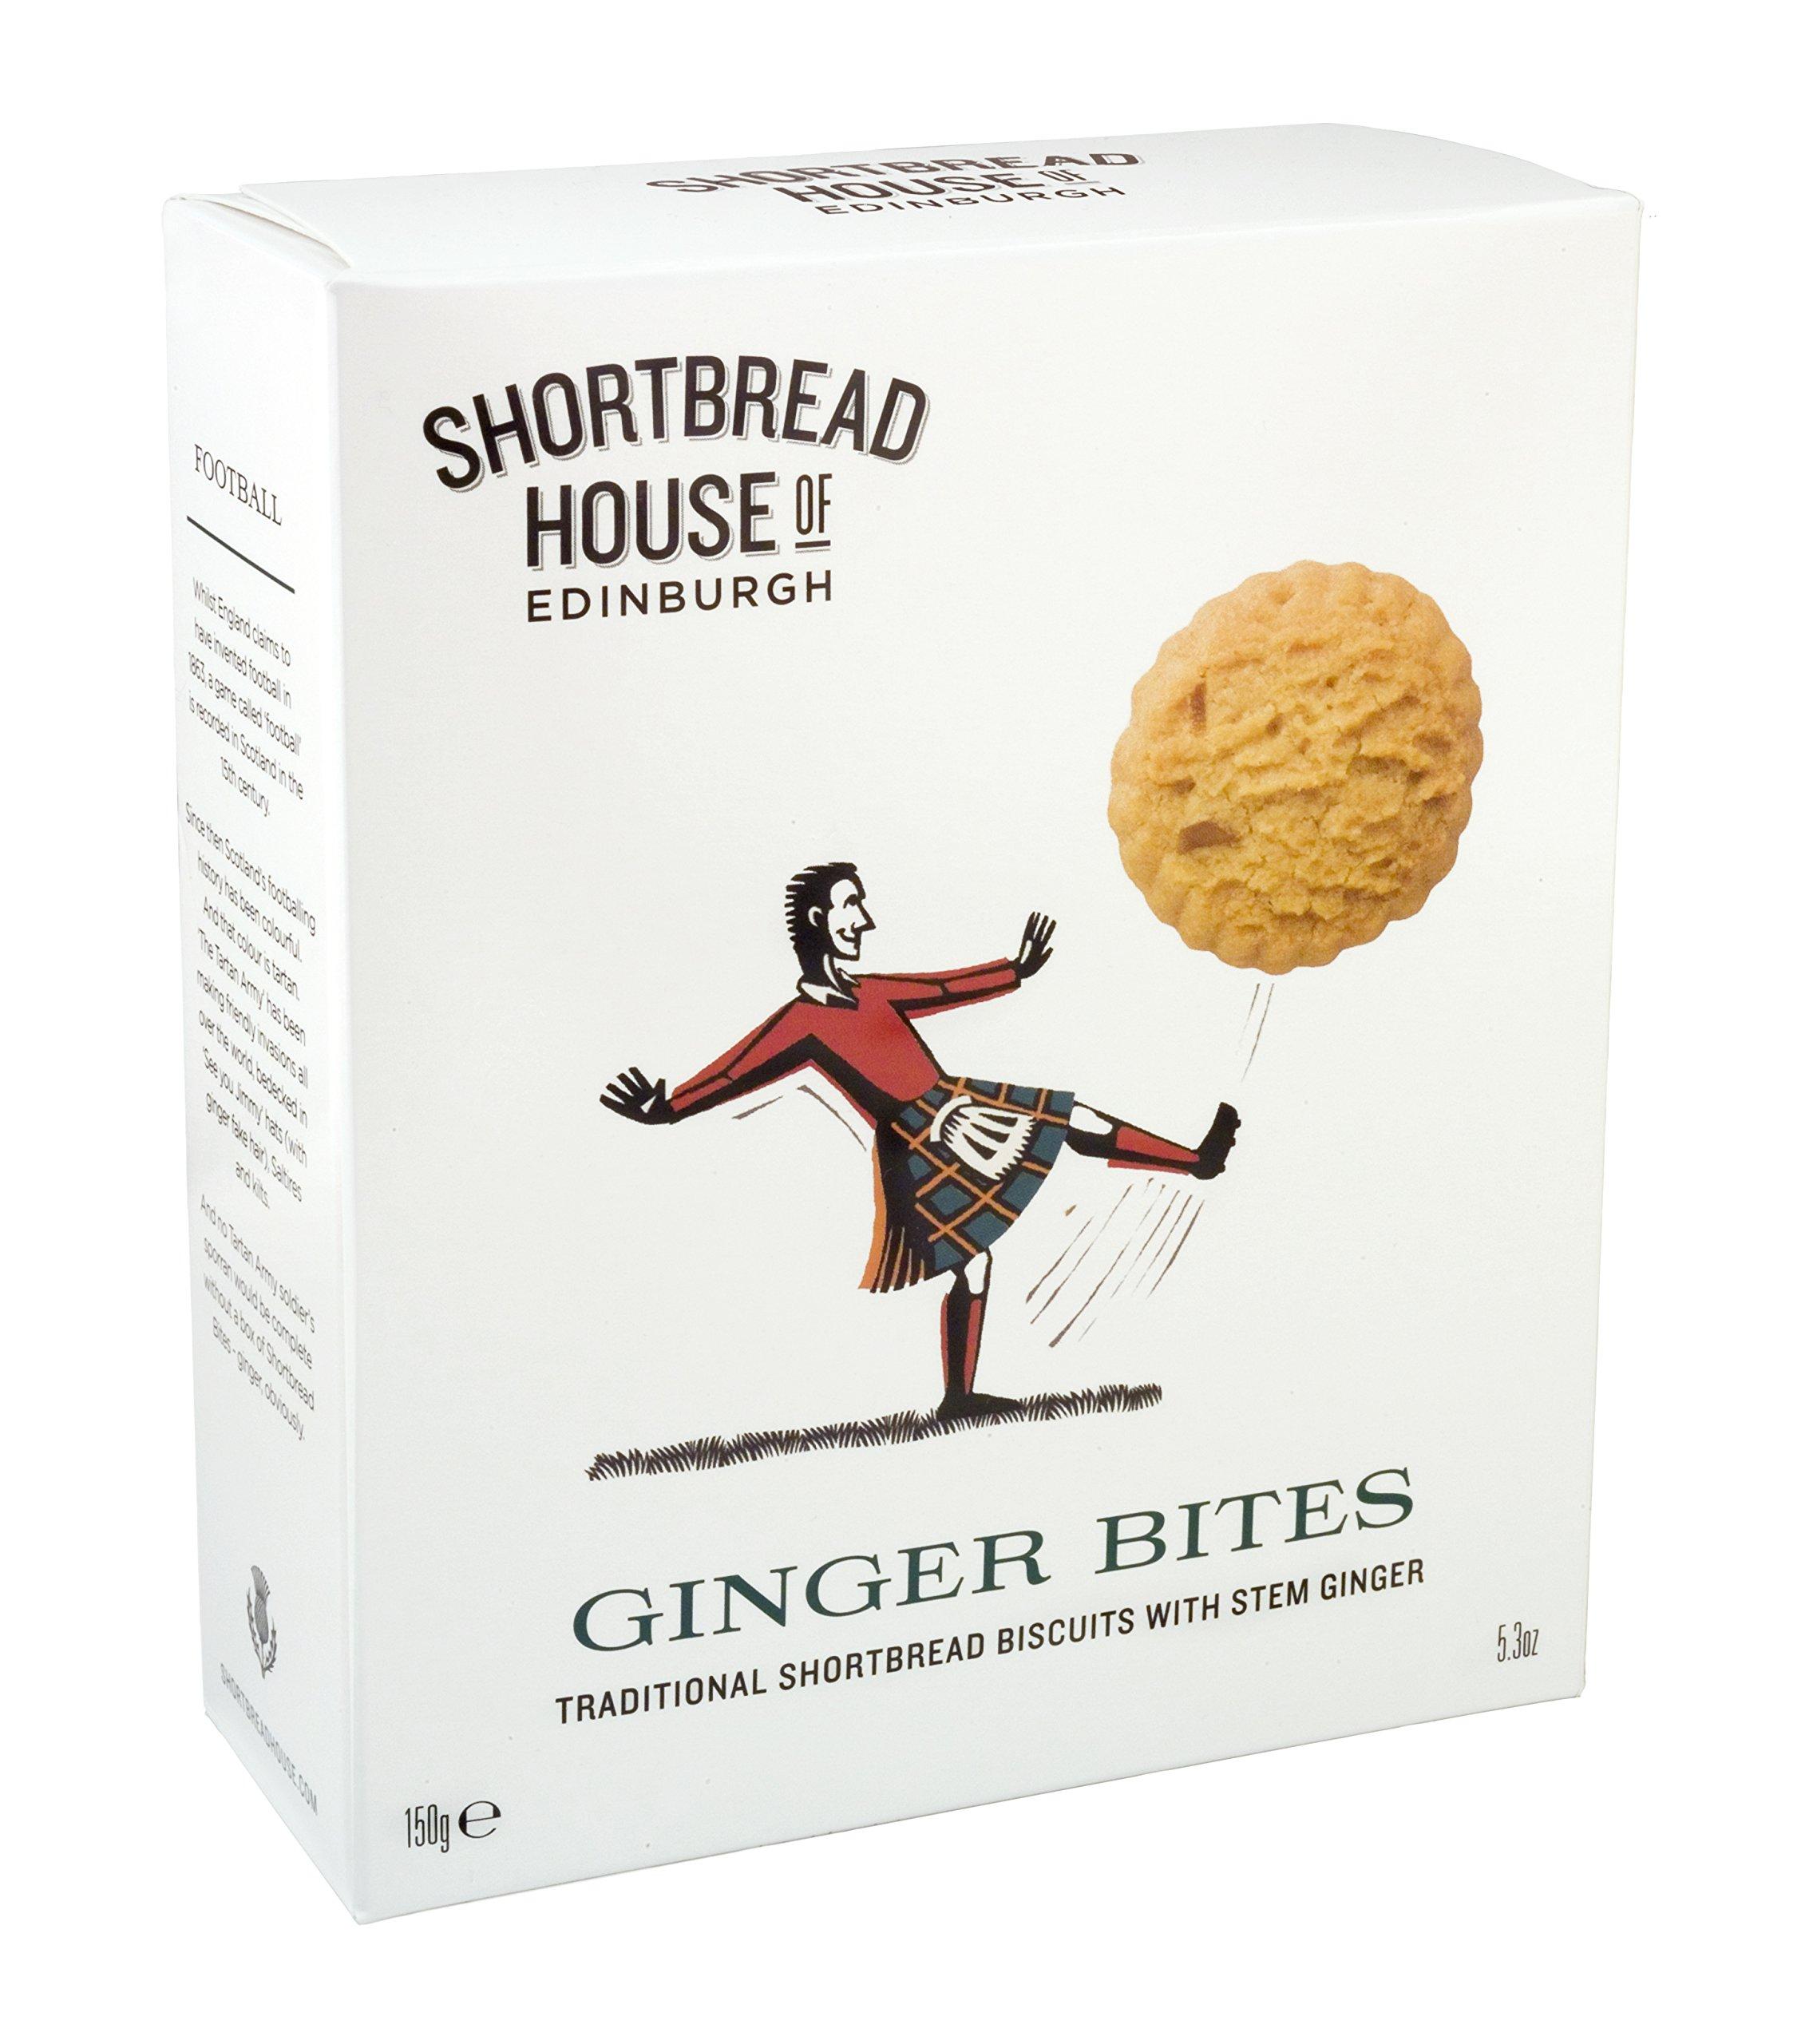 Shortbread House of Edinburgh Scottish Shortbread Bites, Ginger, 5.3-Ounce (Pack of 8)